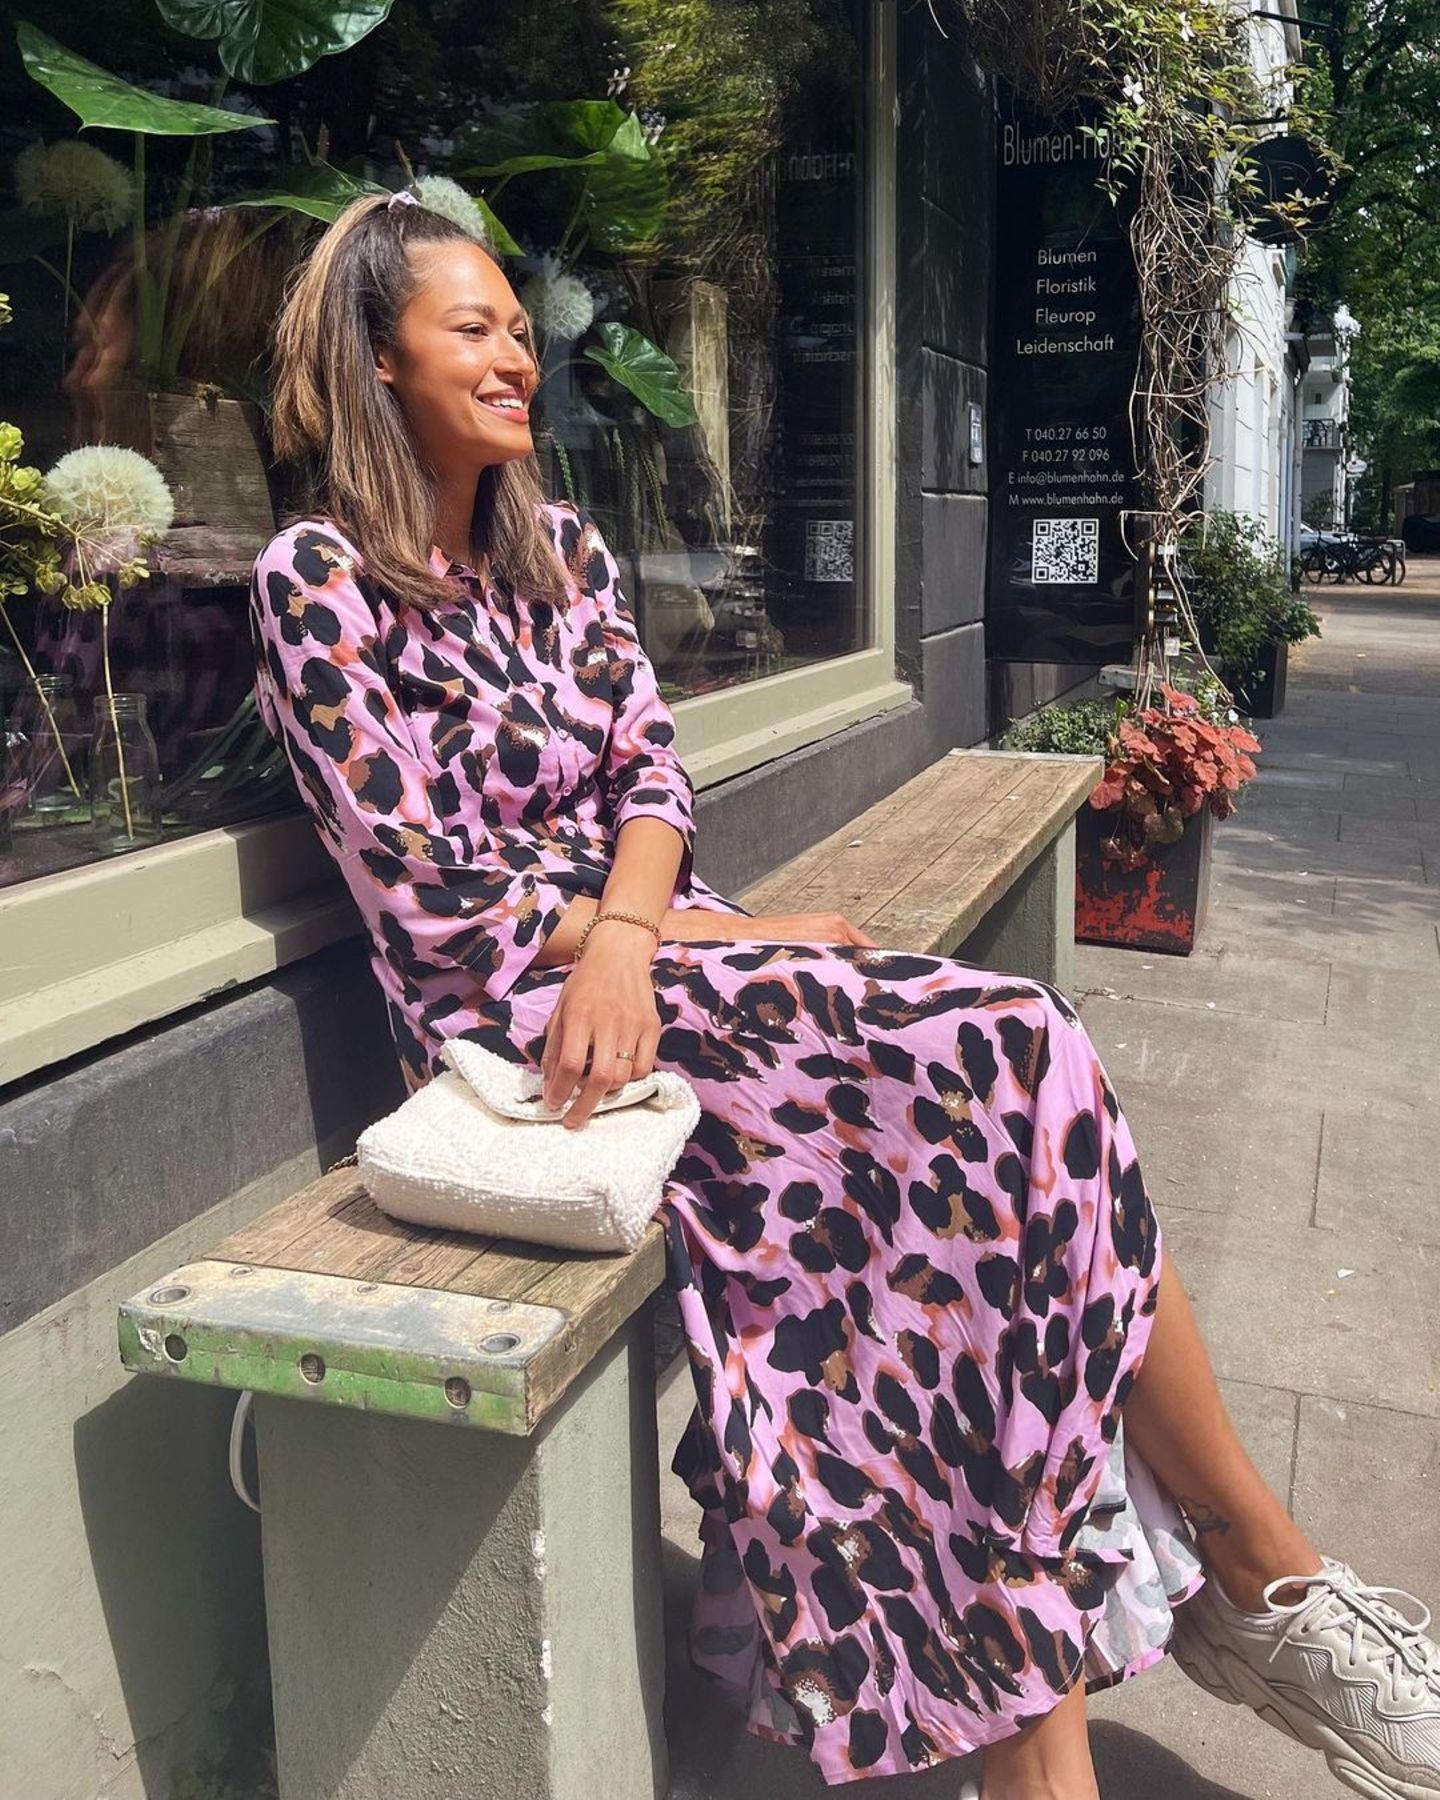 Heute ist Lovelyn 24 Jahre alt und das sieht man. Schmollmund und natürliche Augenbrauen sind zwar nach wie vor ihr Markenzeichen, die Gesichtszüge sind jedoch mittlerweile etwas markanter.